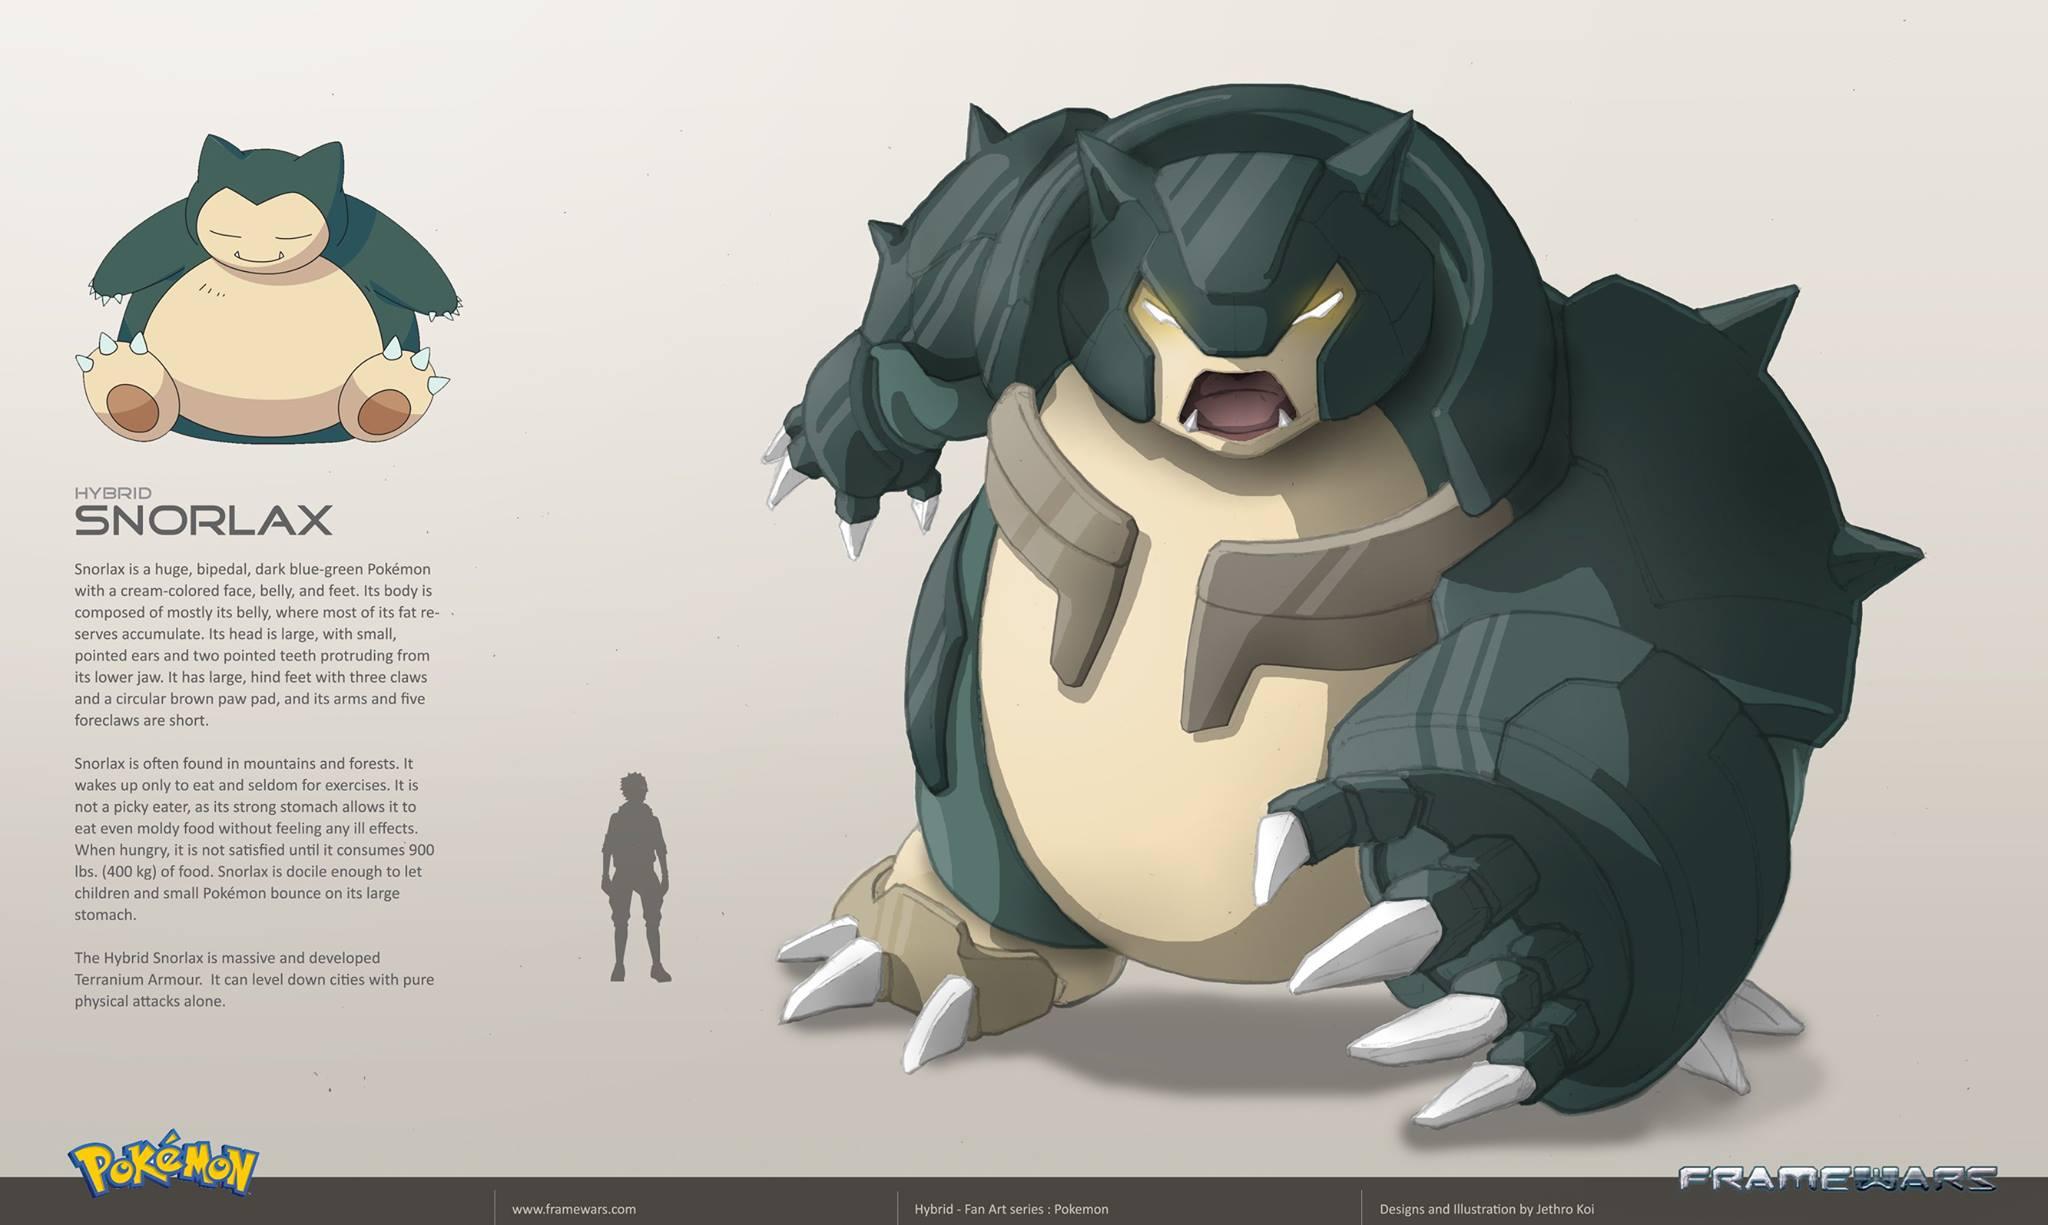 Pokémon Fanart - Metal Hybrid Pokémon Concept Art